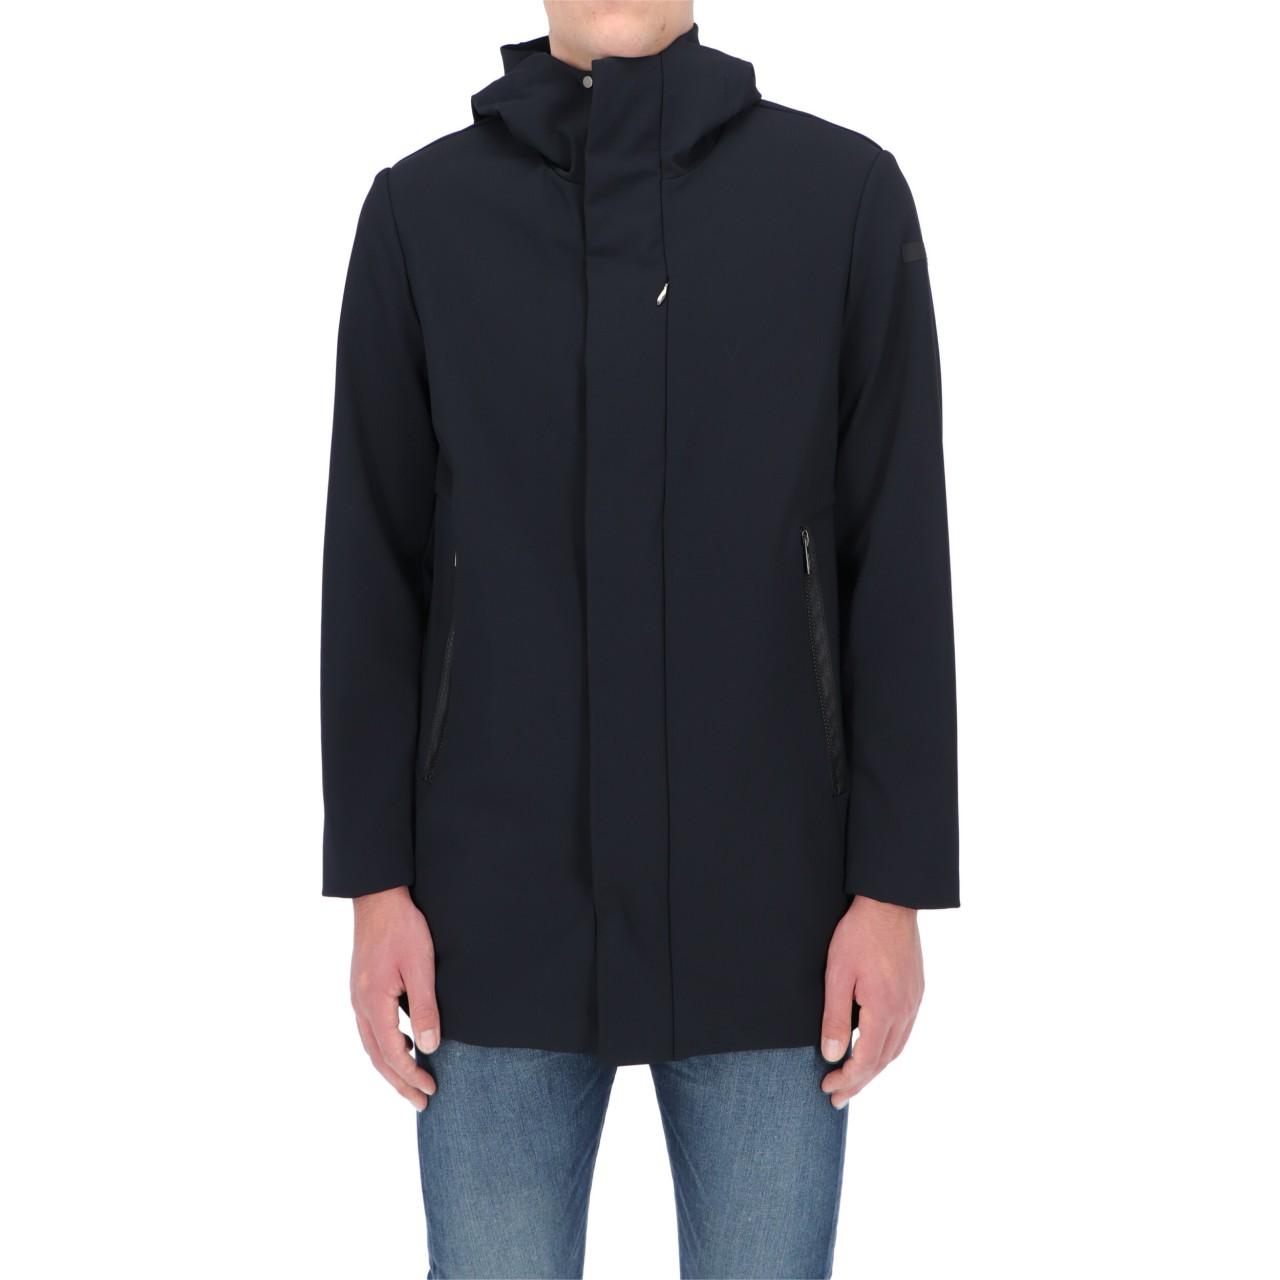 Rrd Uomo Giacca Roberto Ricci Design Uomo Thermo Jacket W20047O